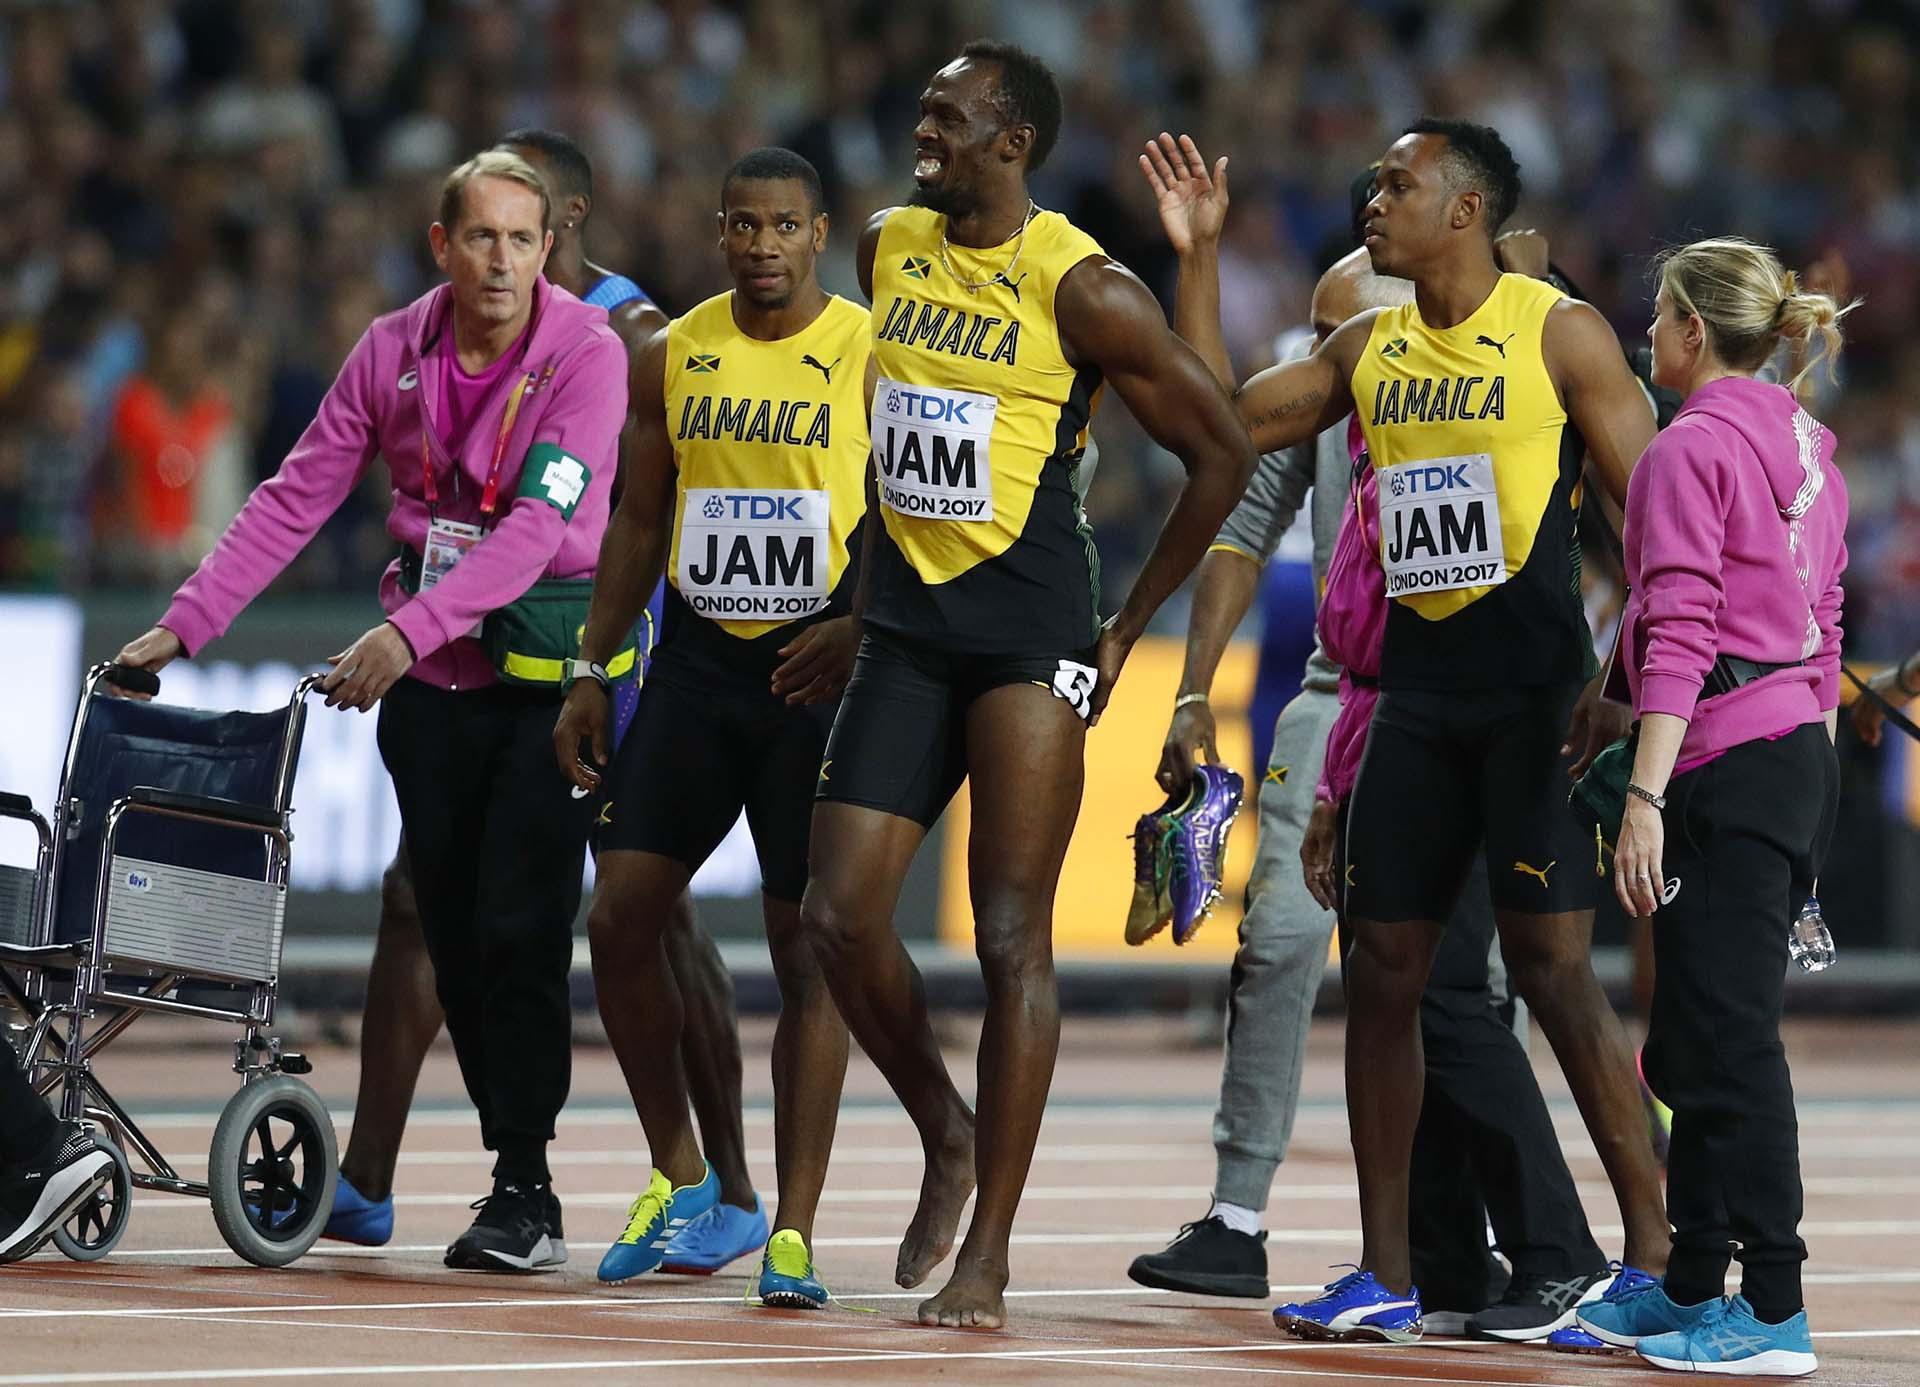 Ya sin zapatillas, Bolt se retira al vestuario acompañado por los médicos y el equipo